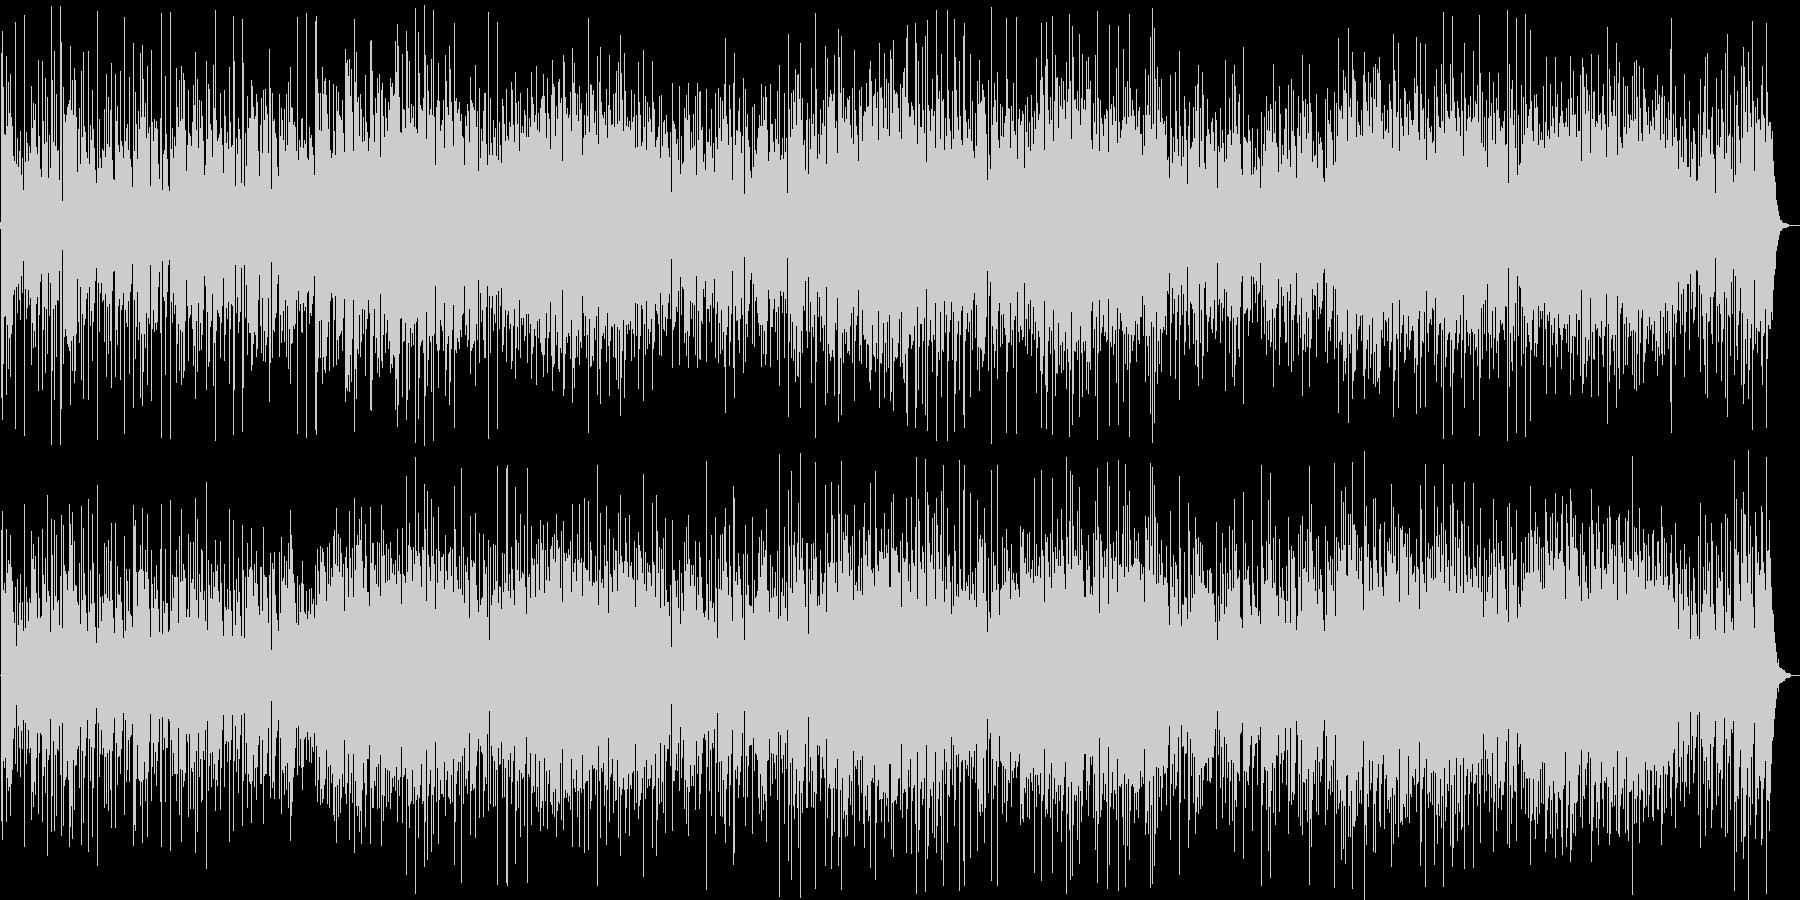 明るい印象のギター・シンセなどのサウンドの未再生の波形